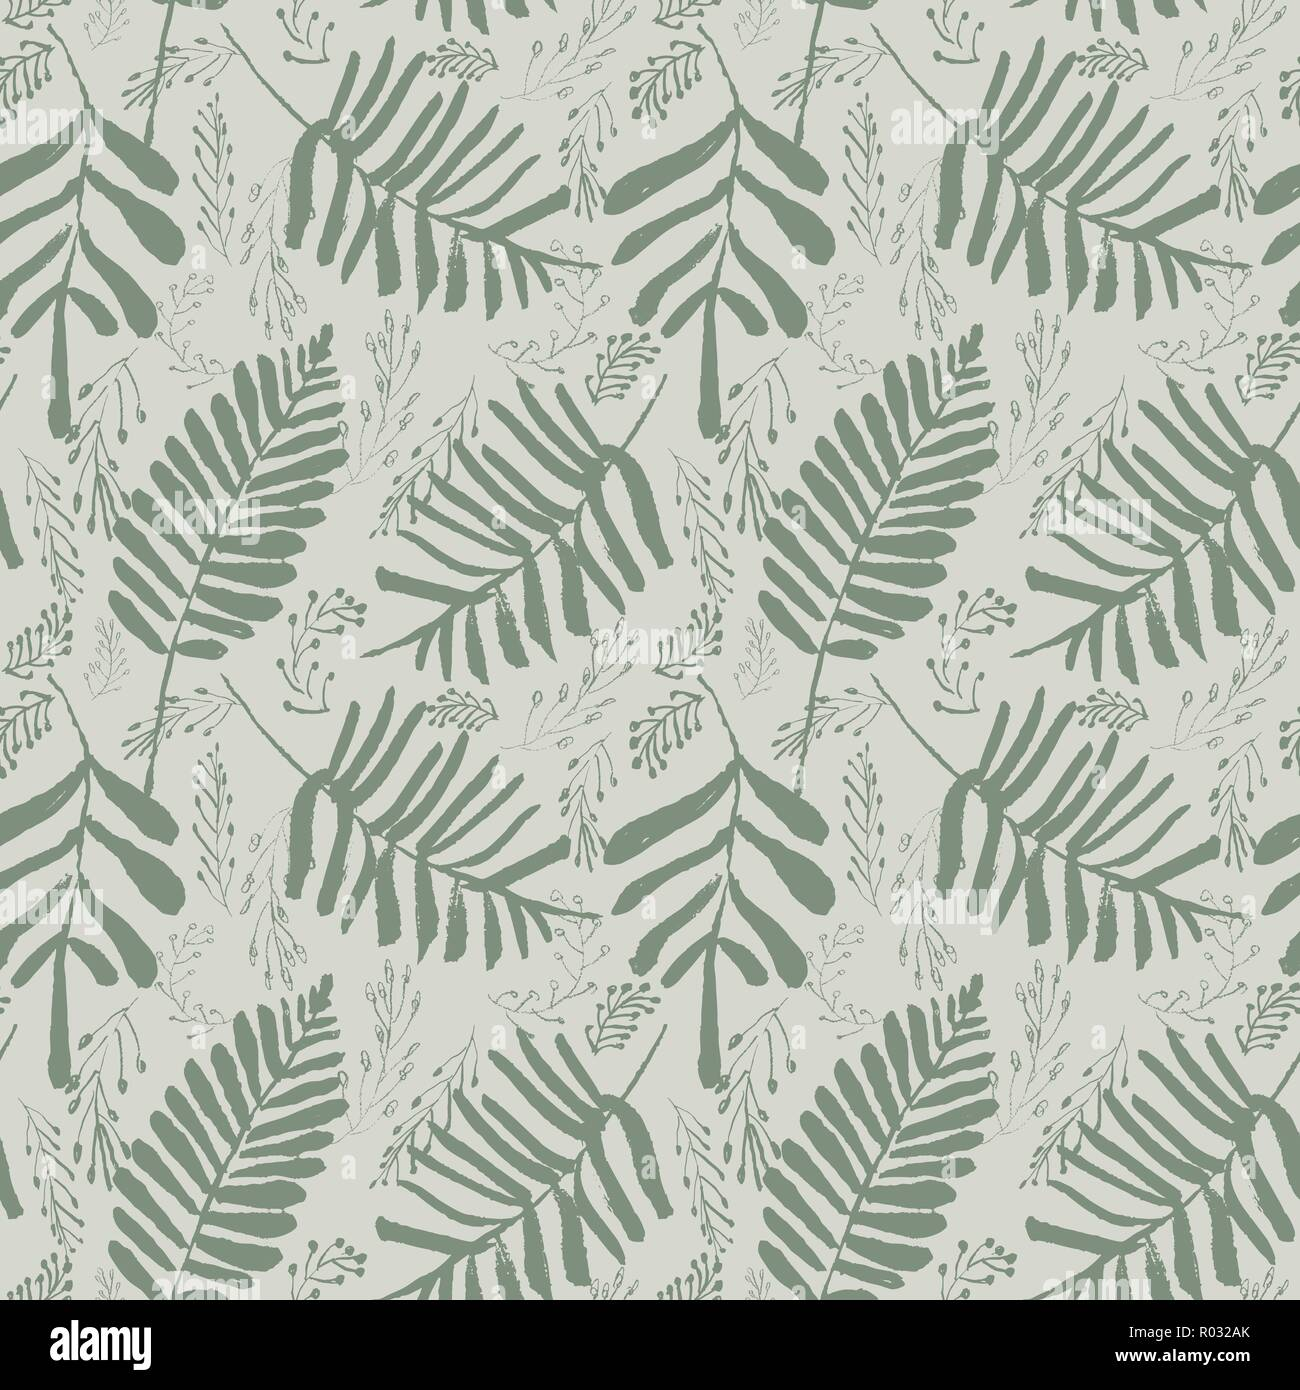 Vert feuilles tropicales vectorielles sophistiquées motif transparent sur fond vert clair. Estival, festif et amusant. Illustration de Vecteur